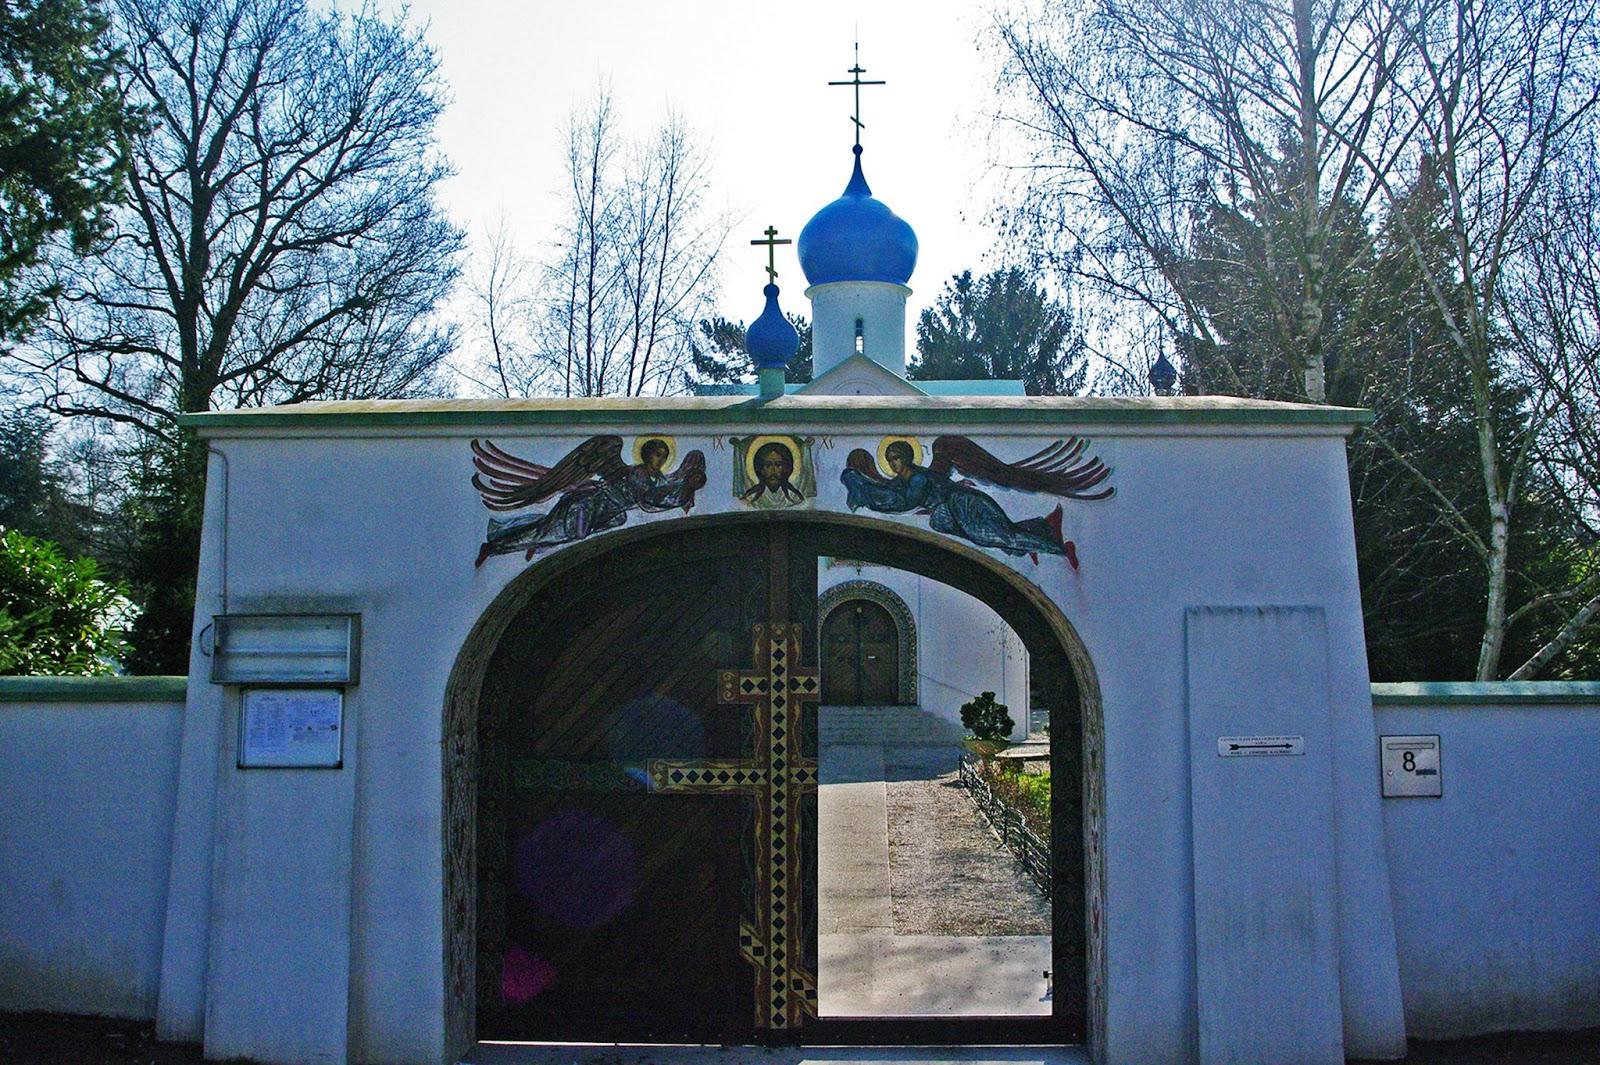 Parc pierre sainte genevi ve des bois - Conforama saint genevieve des bois ...